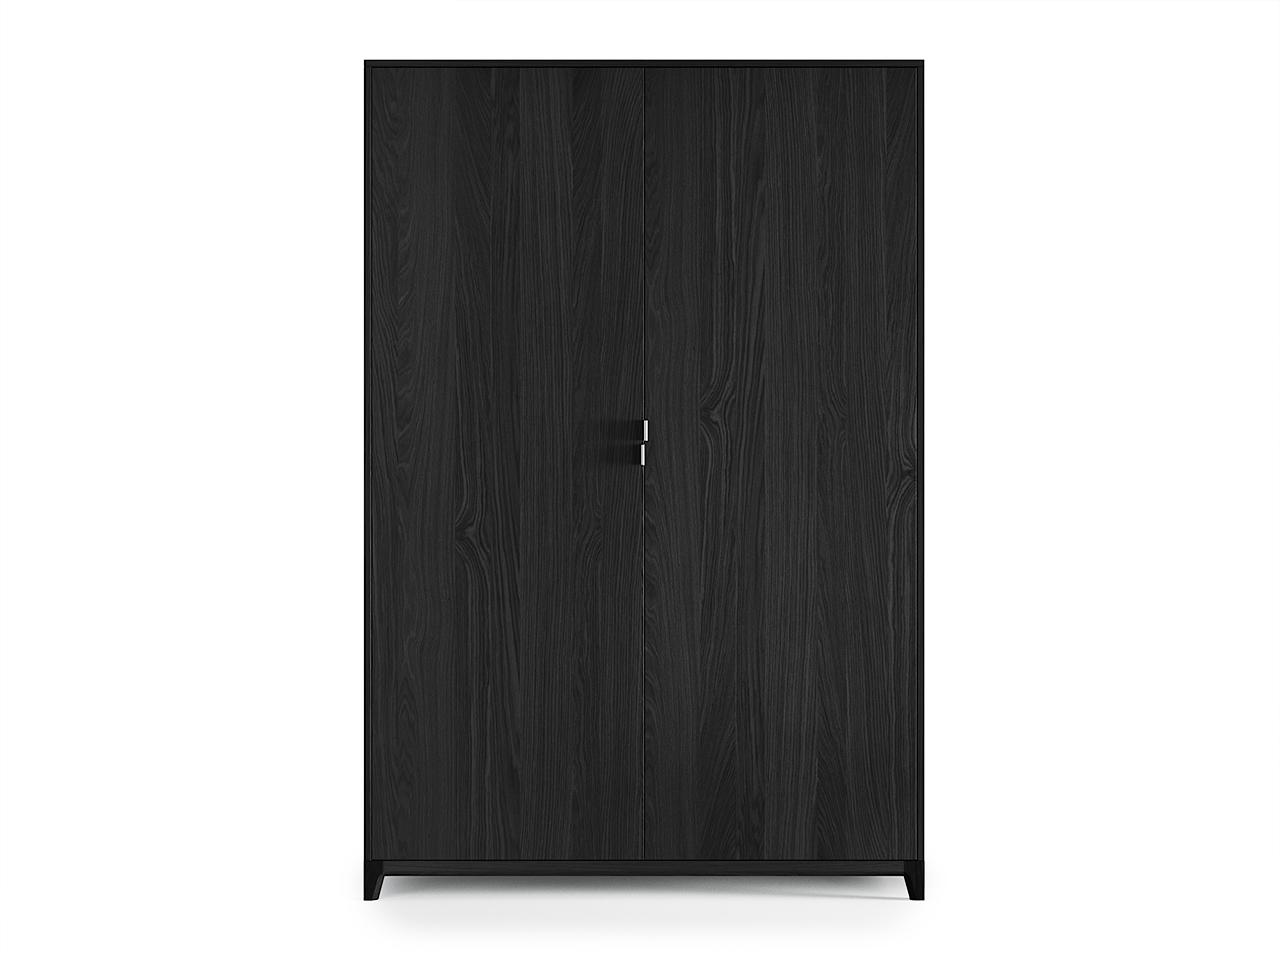 Шкаф CaseПлатяные шкафы<br>Вместительный, прочный и удобный шкаф CASE сочетает в себе продуманную структуру и современный дизайн.Внутри шкафа комфортно расположены полки, выдвижные ящики и штанги для вешалок. Благодаря отсутствию в конструкции лишних элементов и сбалансированной форме шкаф не выглядит массивным, а фасады с неповторимой фактурой дерева завершают его лаконичный образ. Шкаф CASE рассчитан на комфортное использование для одного или двух человек.&amp;lt;div&amp;gt;&amp;lt;br&amp;gt;&amp;lt;/div&amp;gt;&amp;lt;div&amp;gt;Материал: Массив дуба, натуральный шпон дуба, МДФ, ДСП, лак&amp;lt;br&amp;gt;&amp;lt;/div&amp;gt;<br><br>Material: Дуб<br>Ширина см: 140.0<br>Высота см: 210.0<br>Глубина см: 60.0